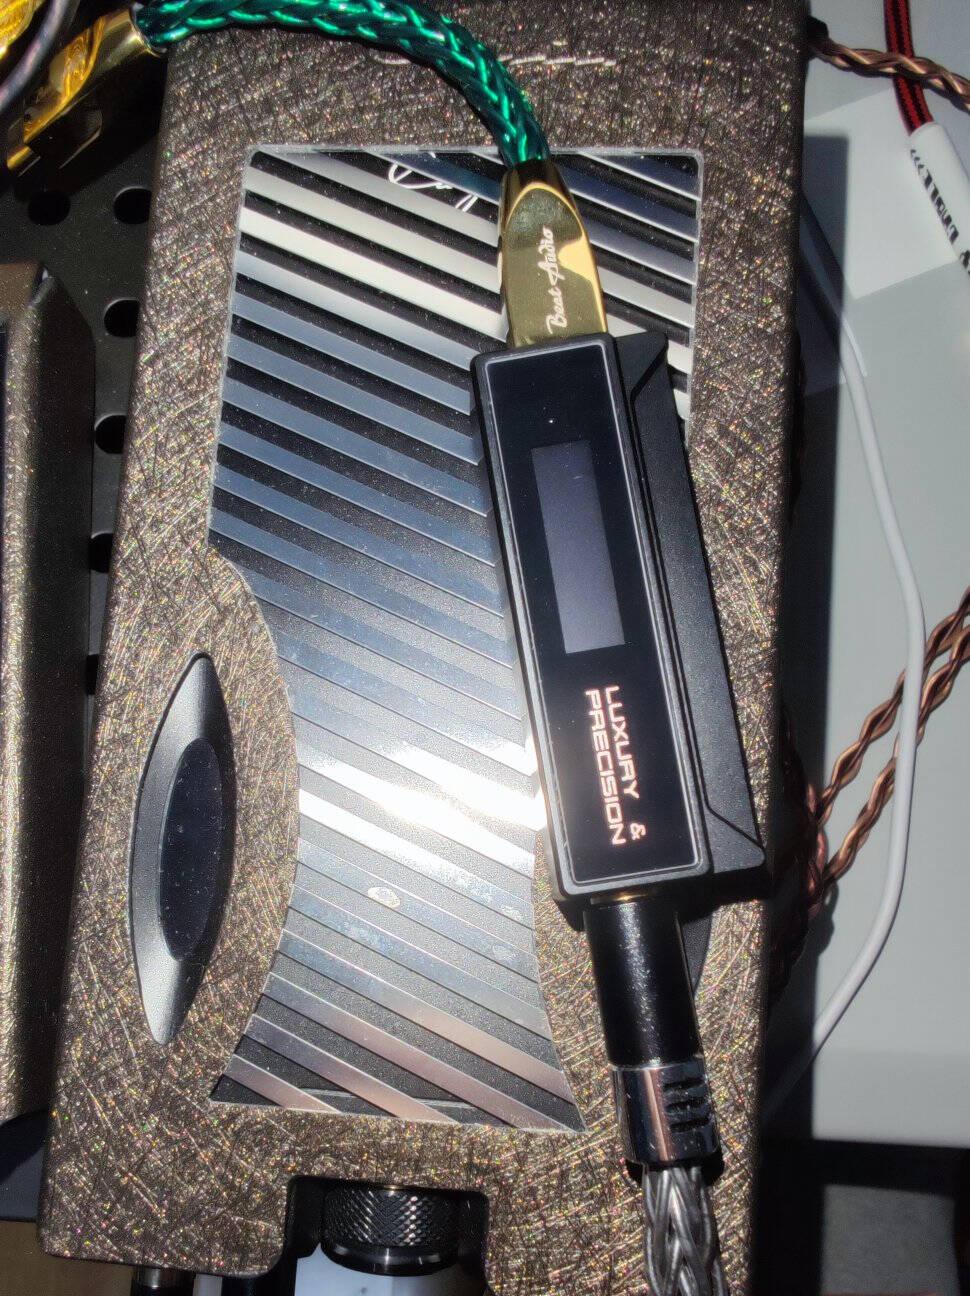 精奢乐彼乐彼W2旗舰HIFI便携解码耳放一体机超大推力便携小尾巴安卓苹果通用黑色